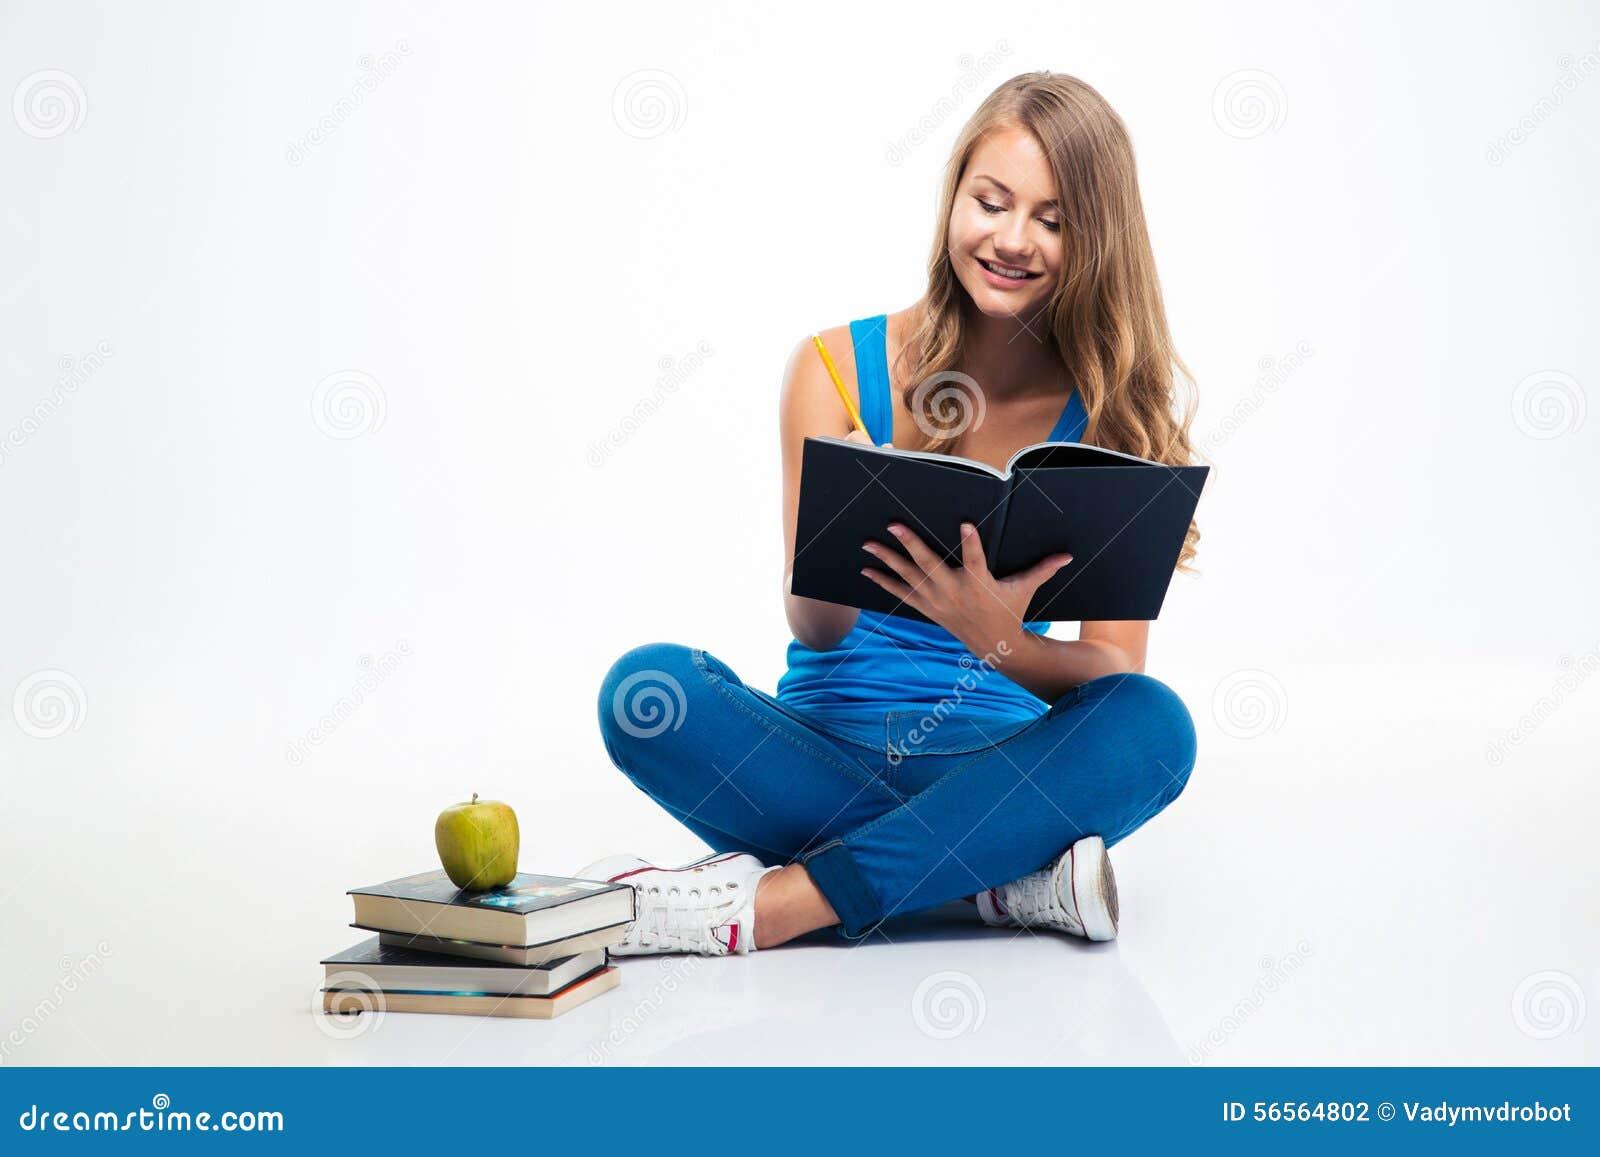 Download Συνεδρίαση κοριτσιών στις σημειώσεις πατωμάτων και γραψίματος Στοκ Εικόνες - εικόνα από σημειώσεις, περιστασιακός: 56564802